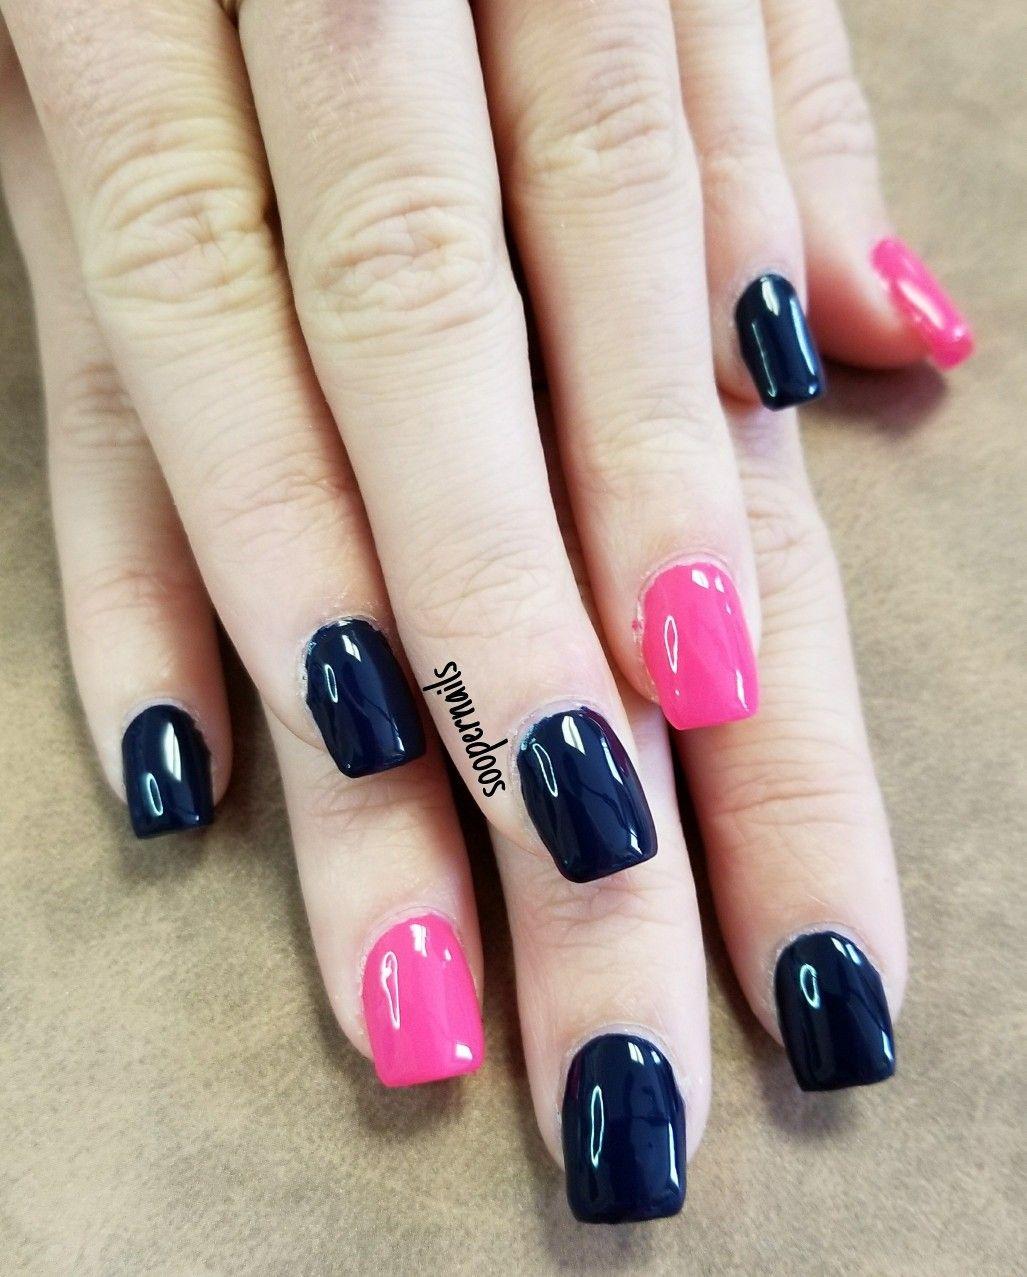 Navy Blue And Hot Pink Nails Pink Nails Cancer Nails Nails